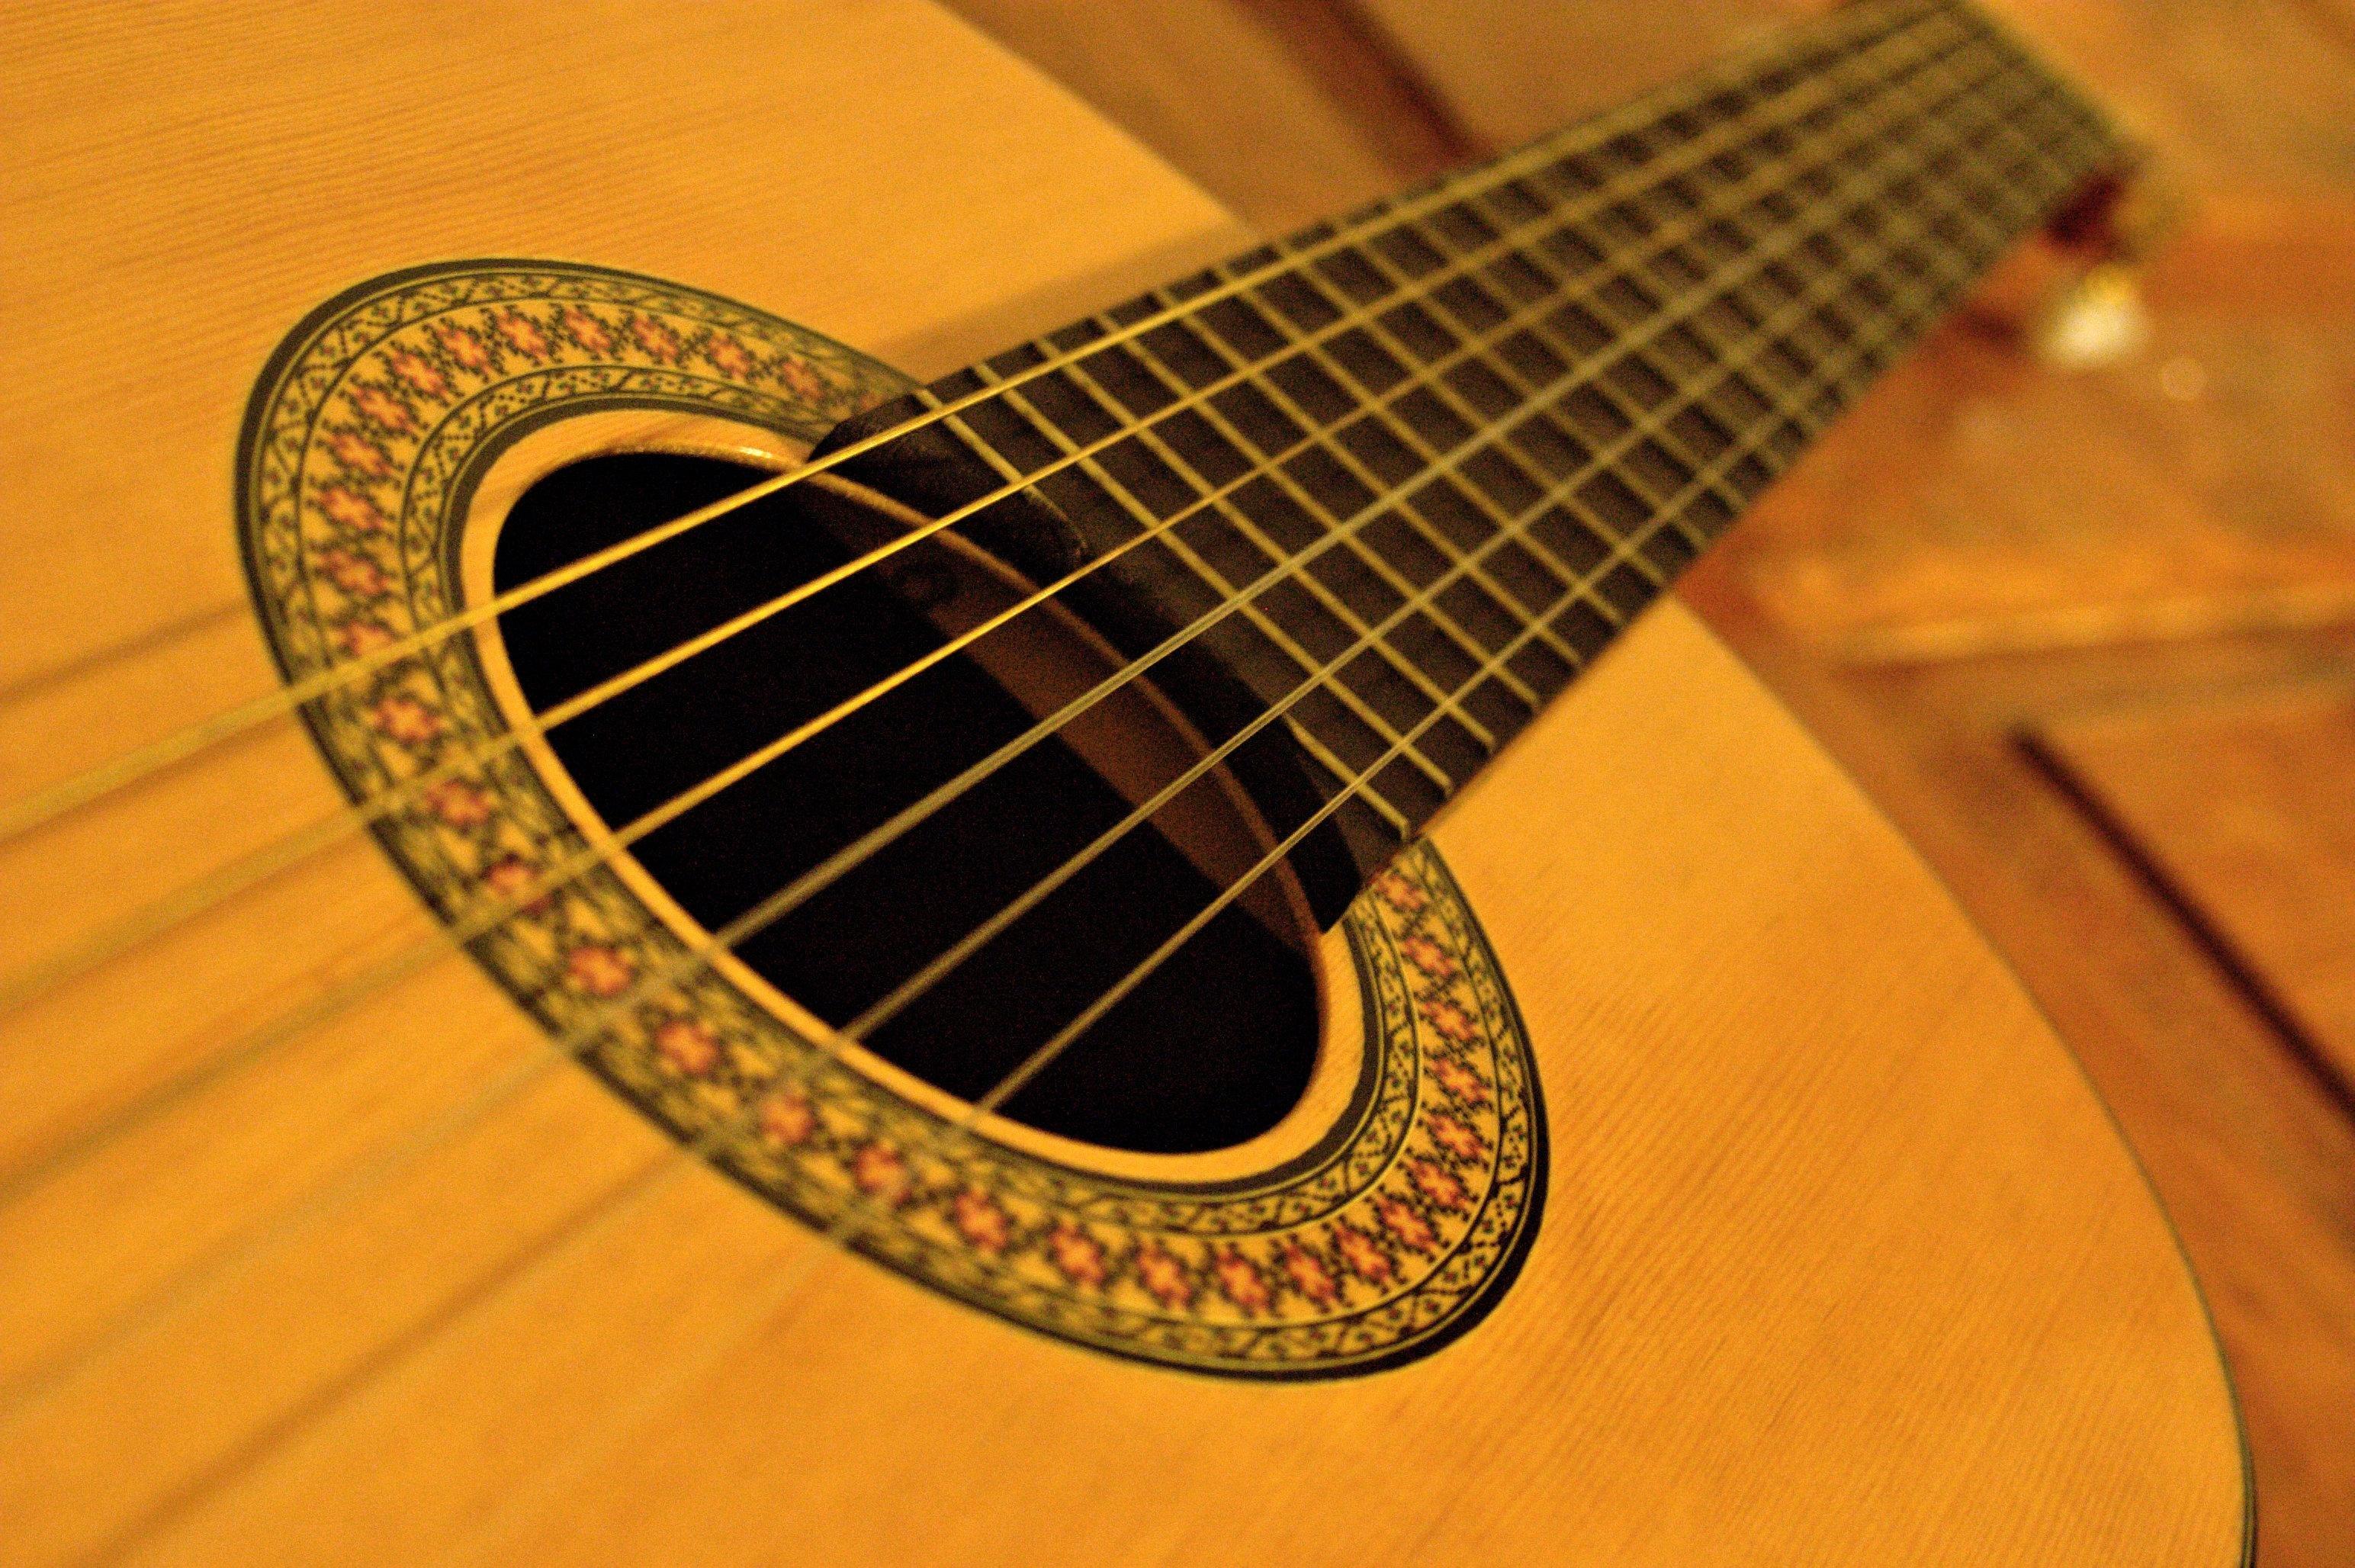 serigrafia su strumenti musicali